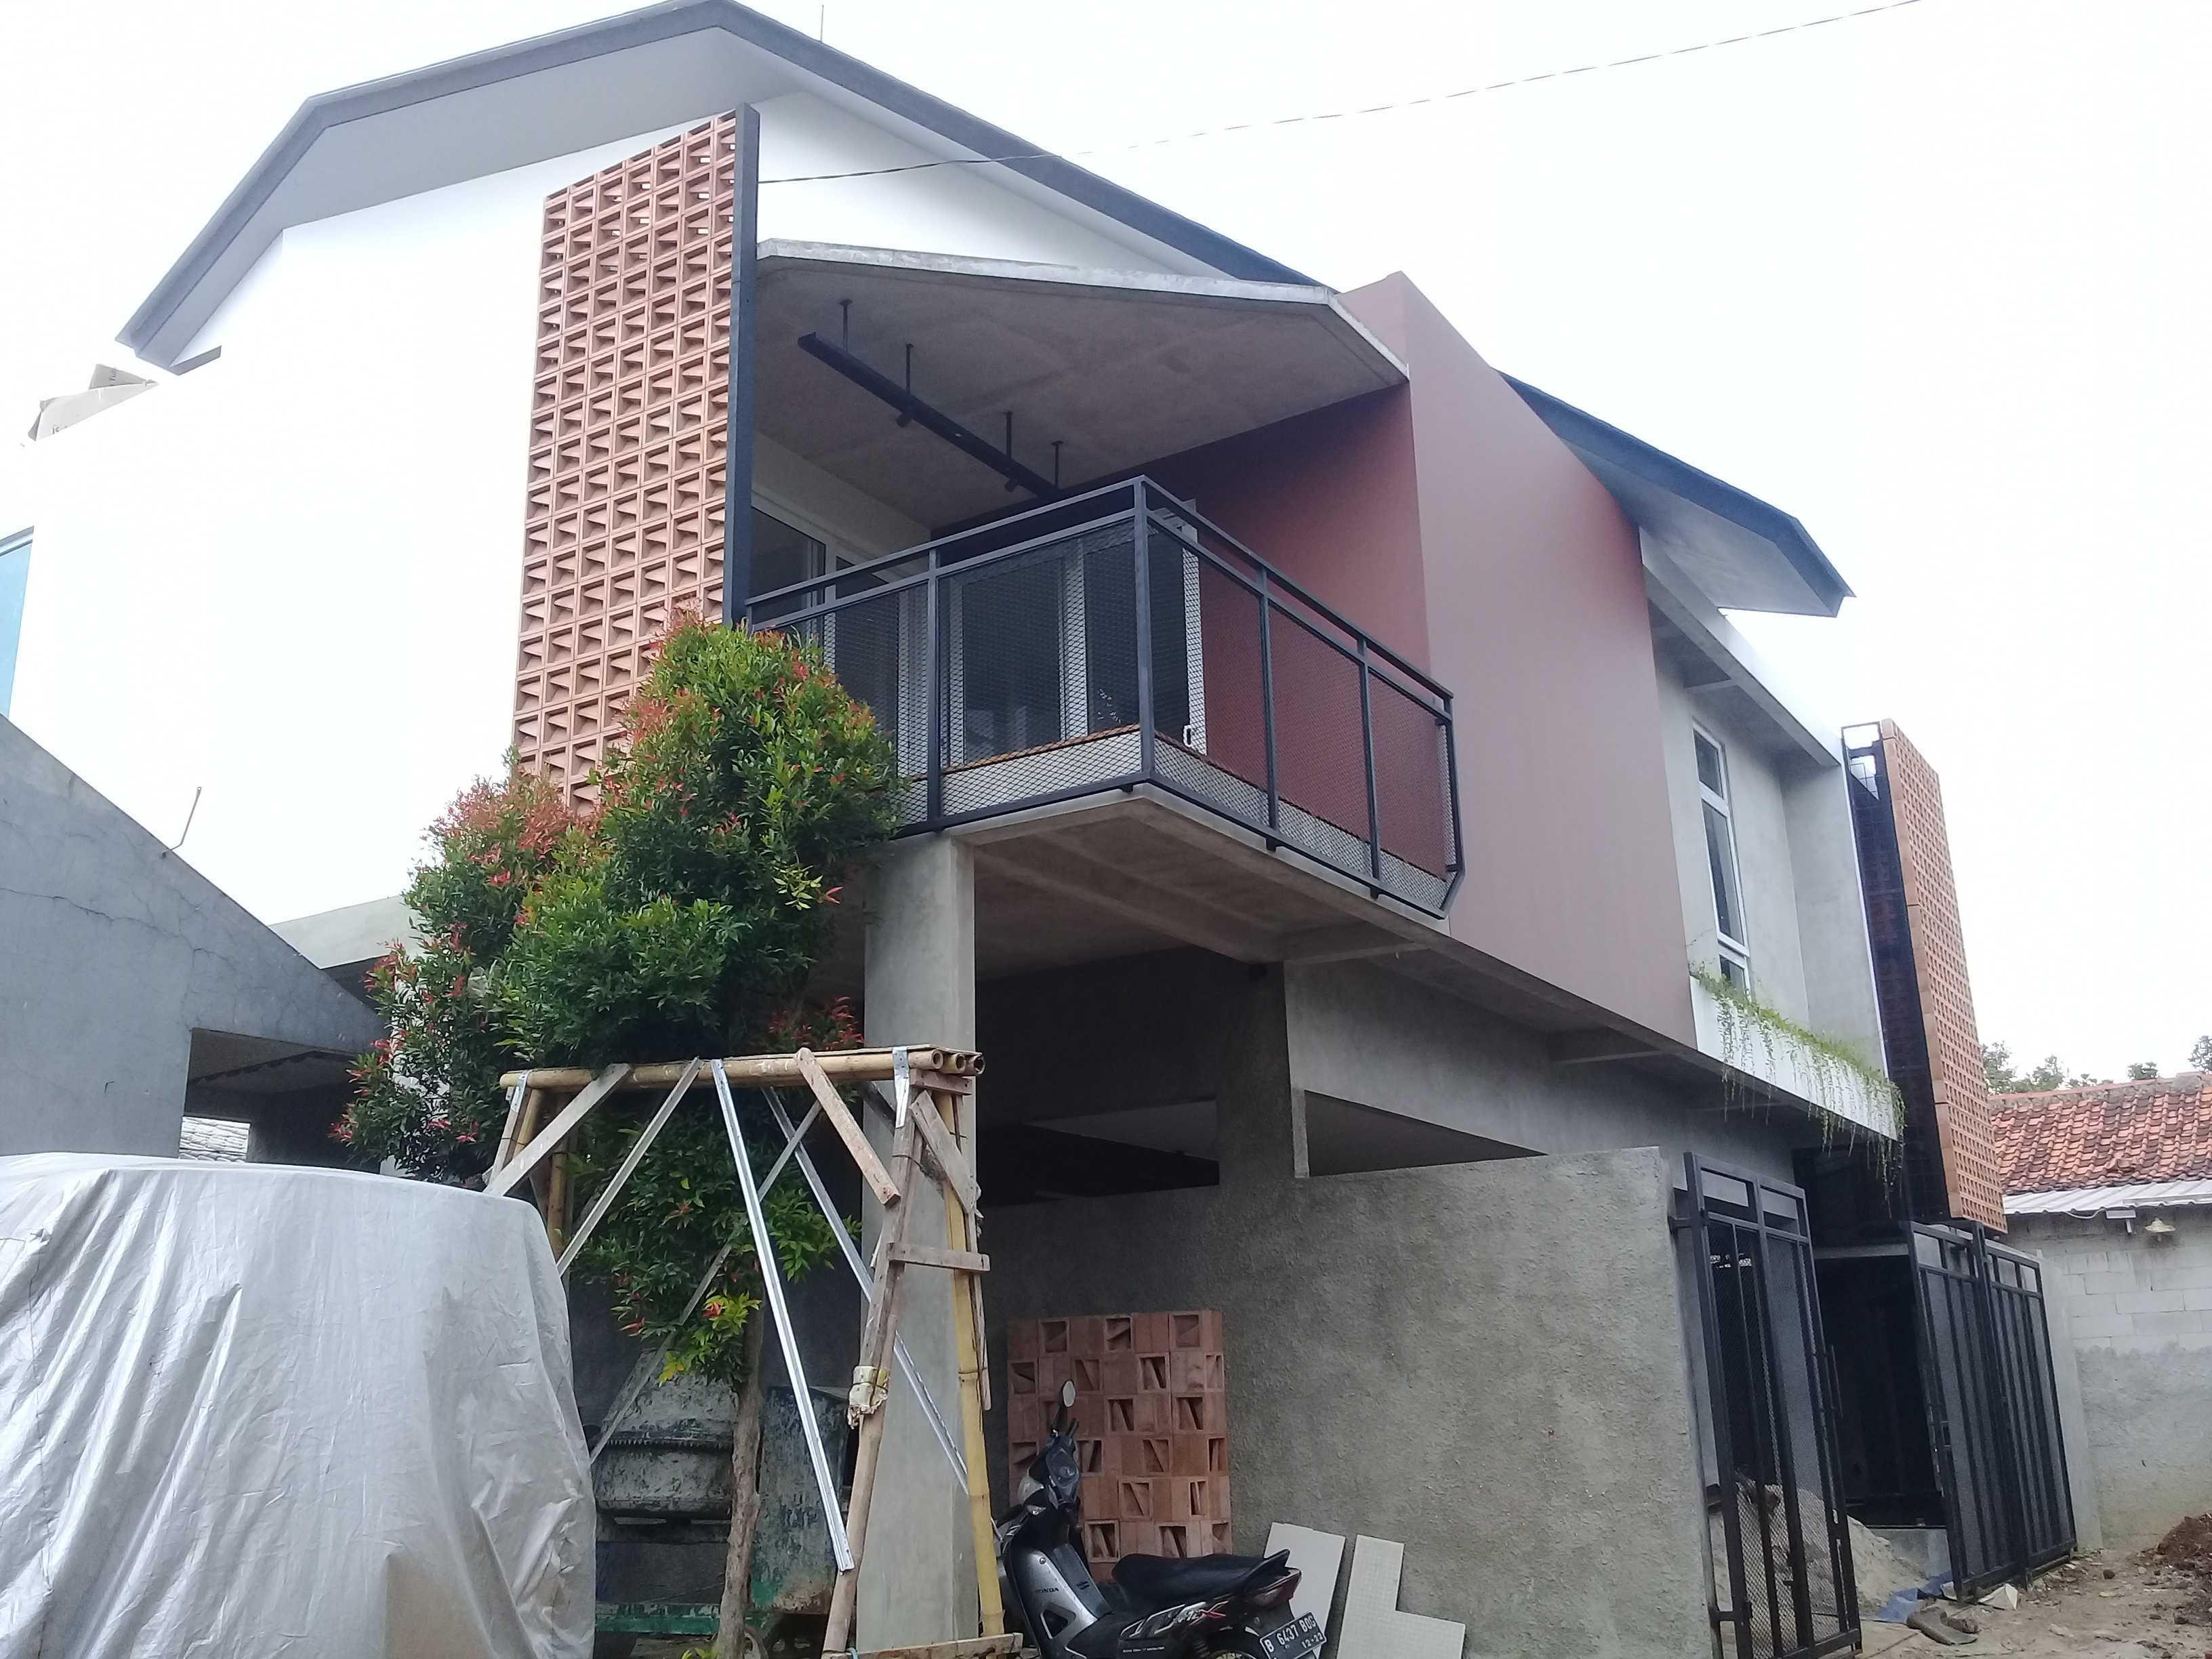 Yasa+ W-House Kec. Ciledug, Kota Tangerang, Banten, Indonesia Kec. Ciledug, Kota Tangerang, Banten, Indonesia Tampak Depan Rumah Modern  90983